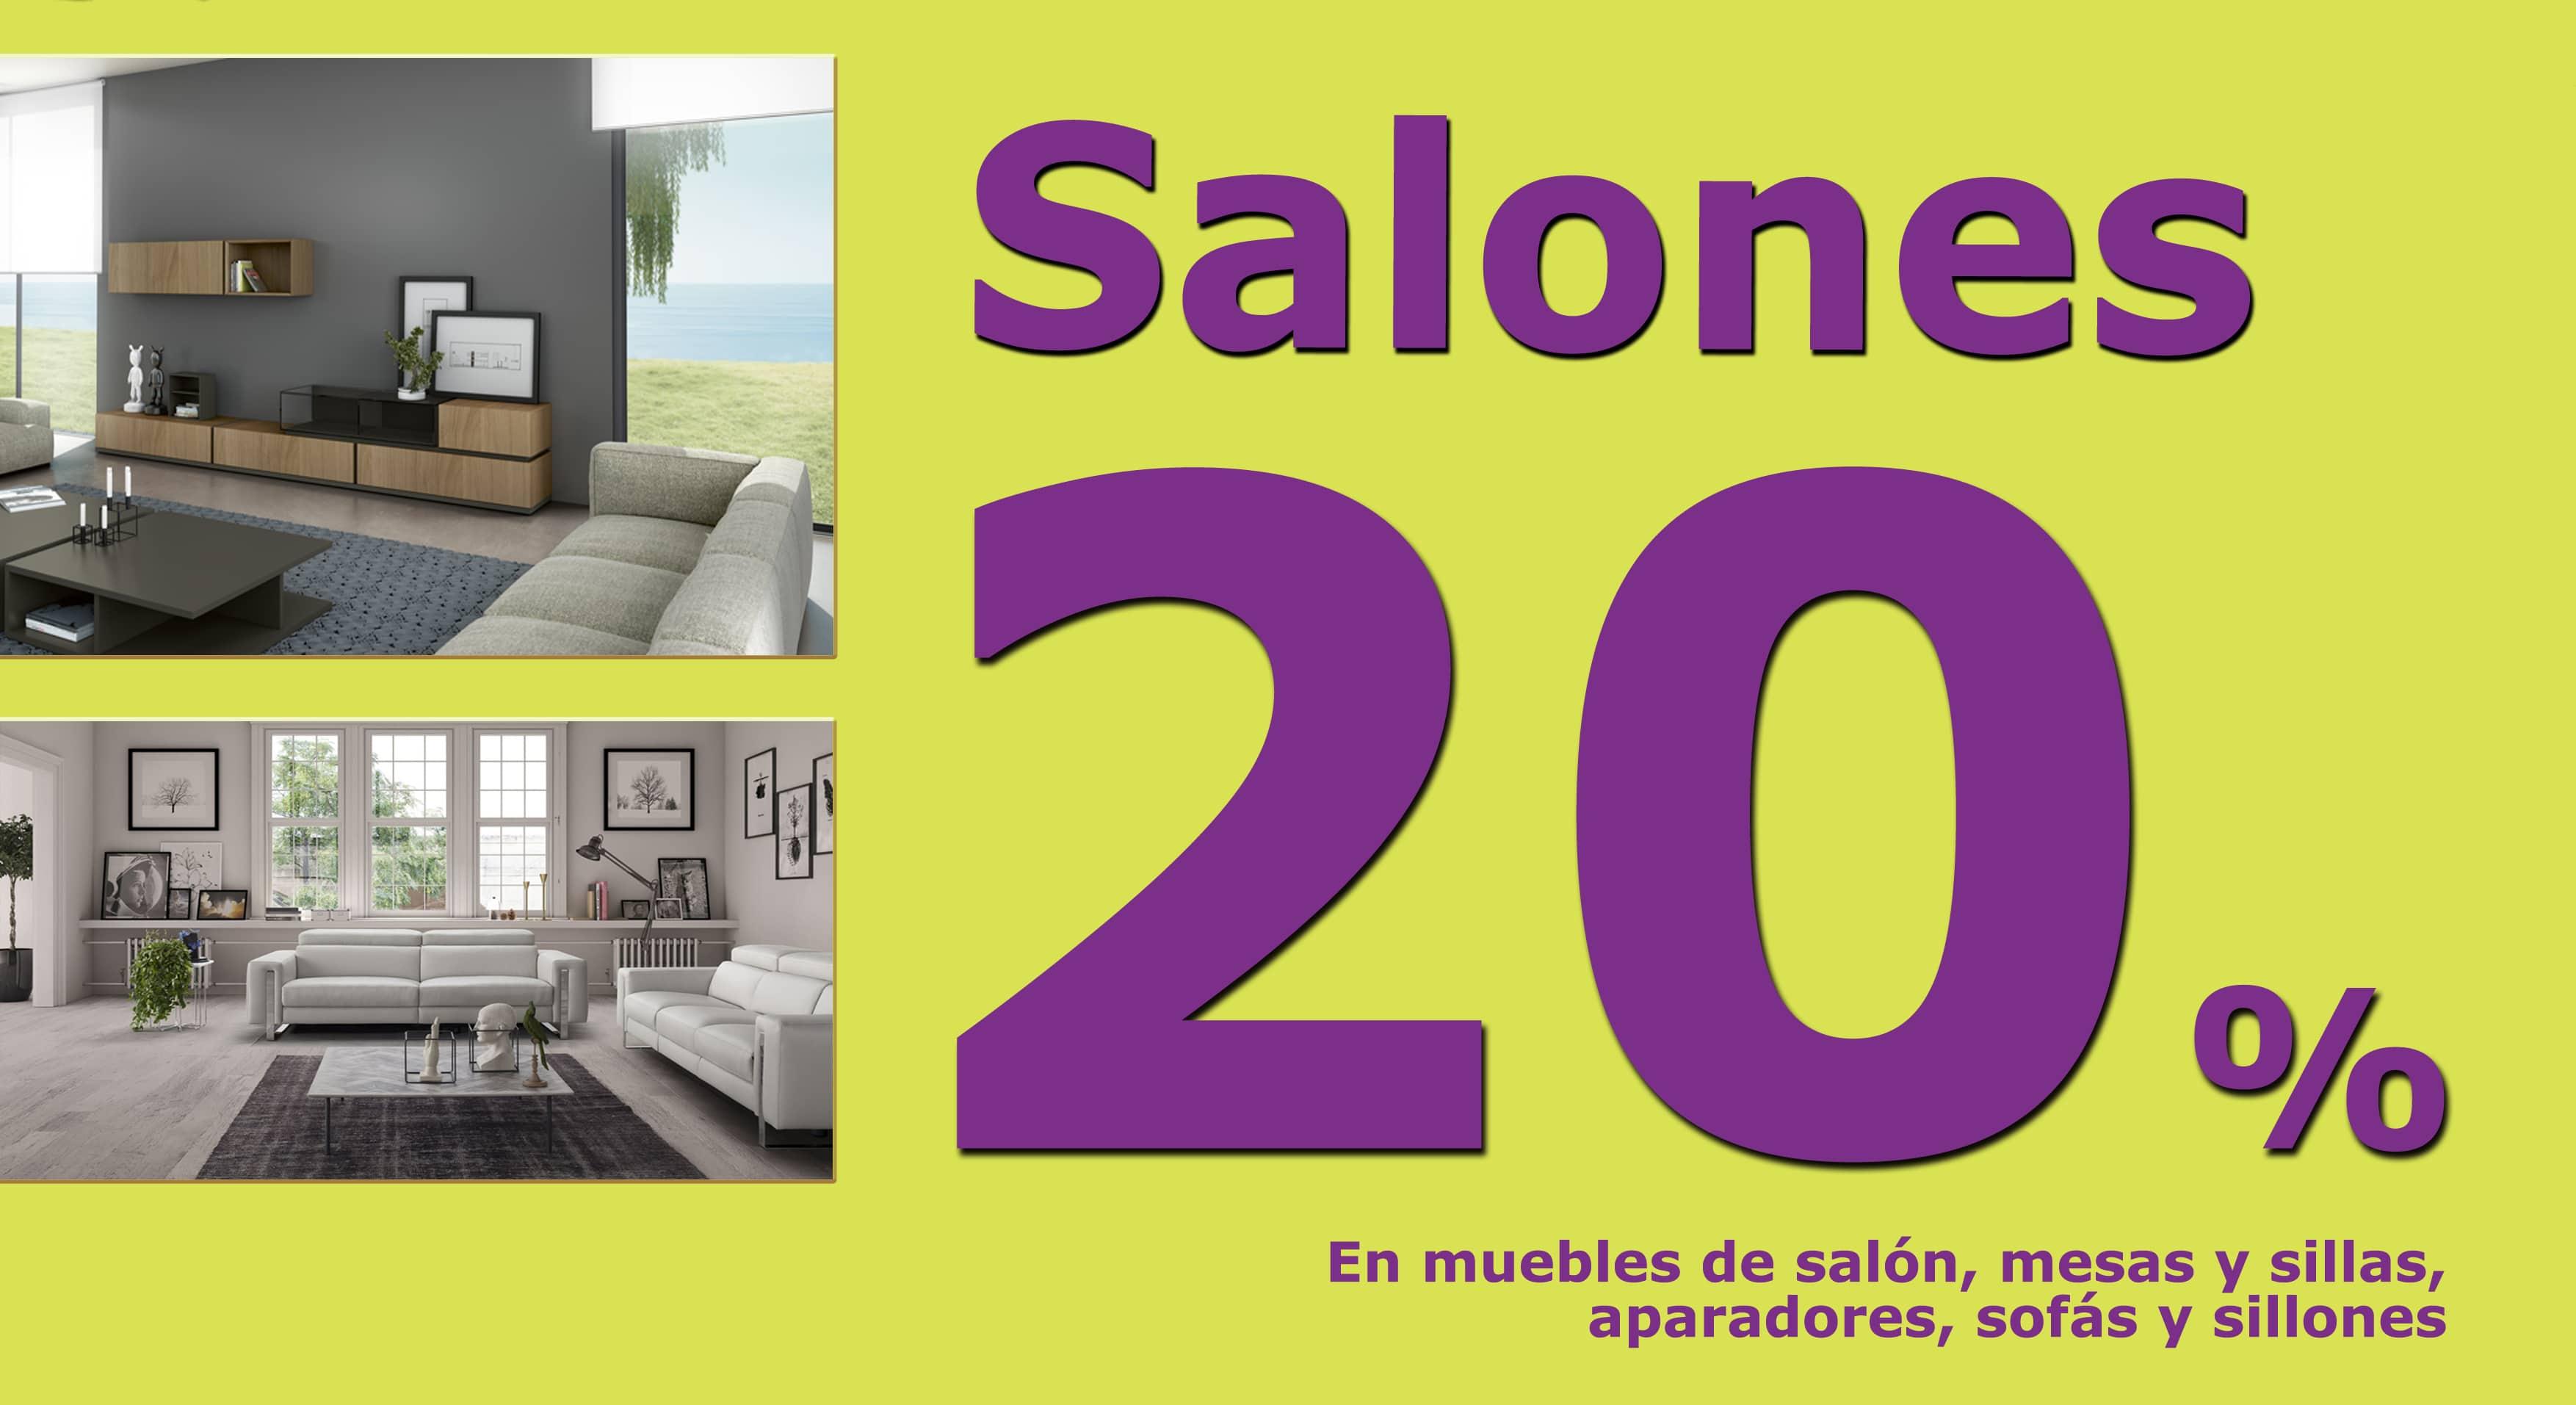 Campa a de salon bautista muebles y decoraci n for Muebles llodio